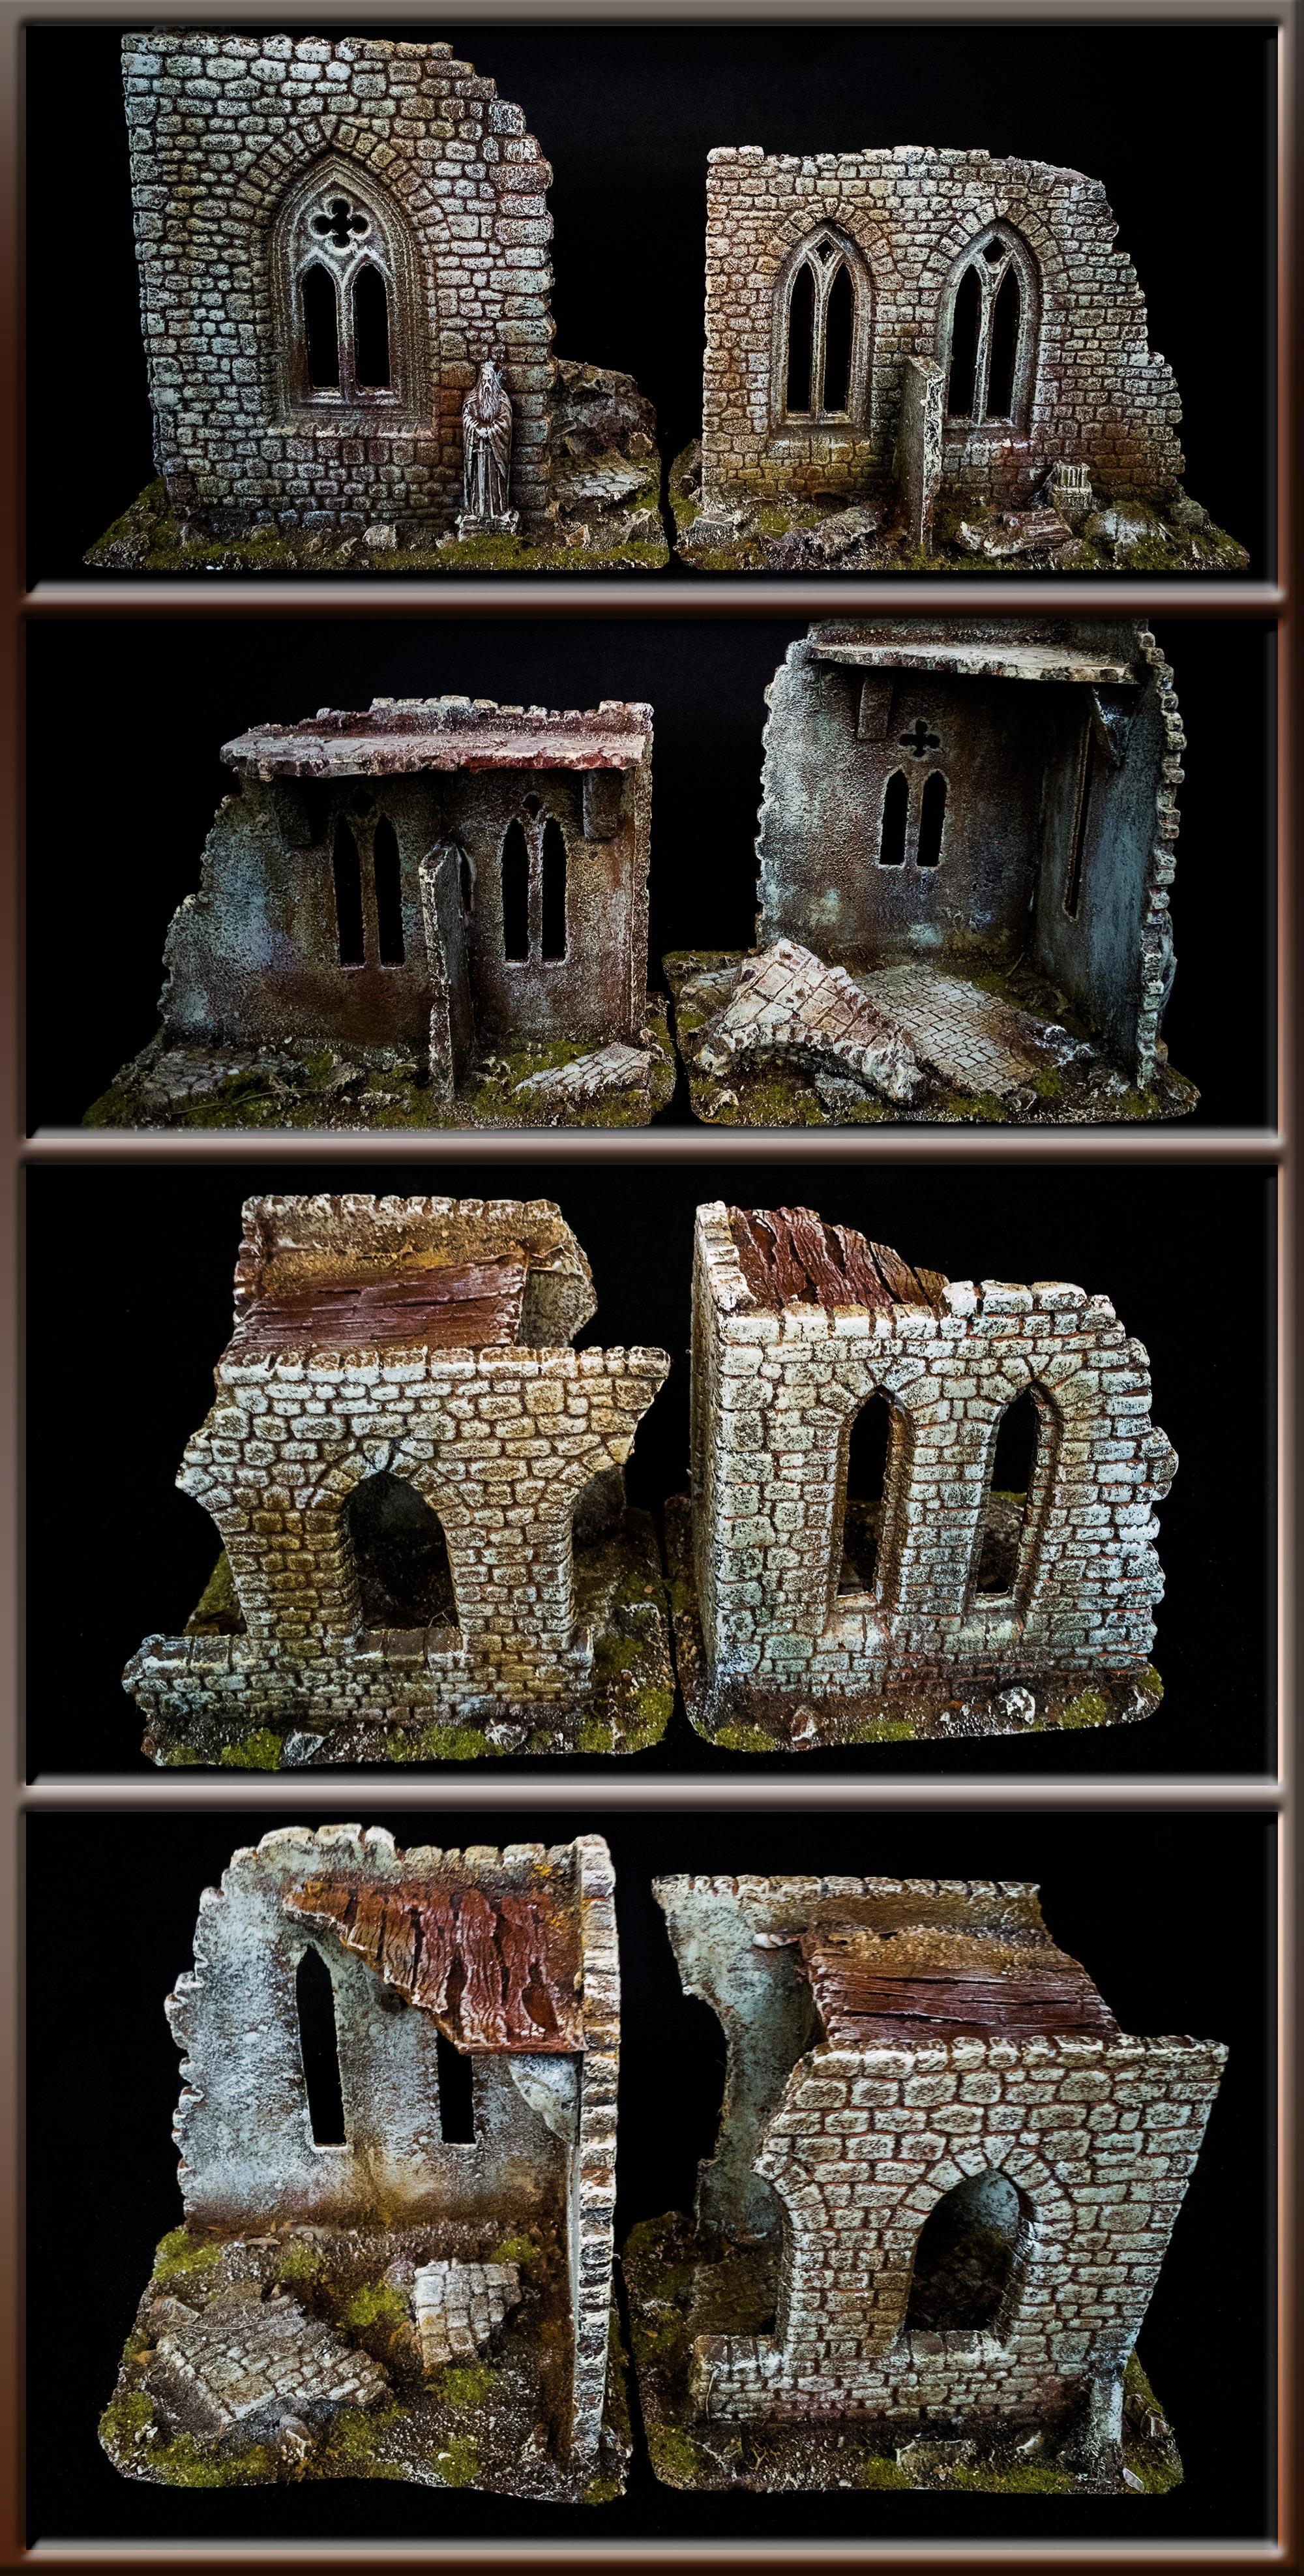 RUINS OF BUILDING WALLS SET